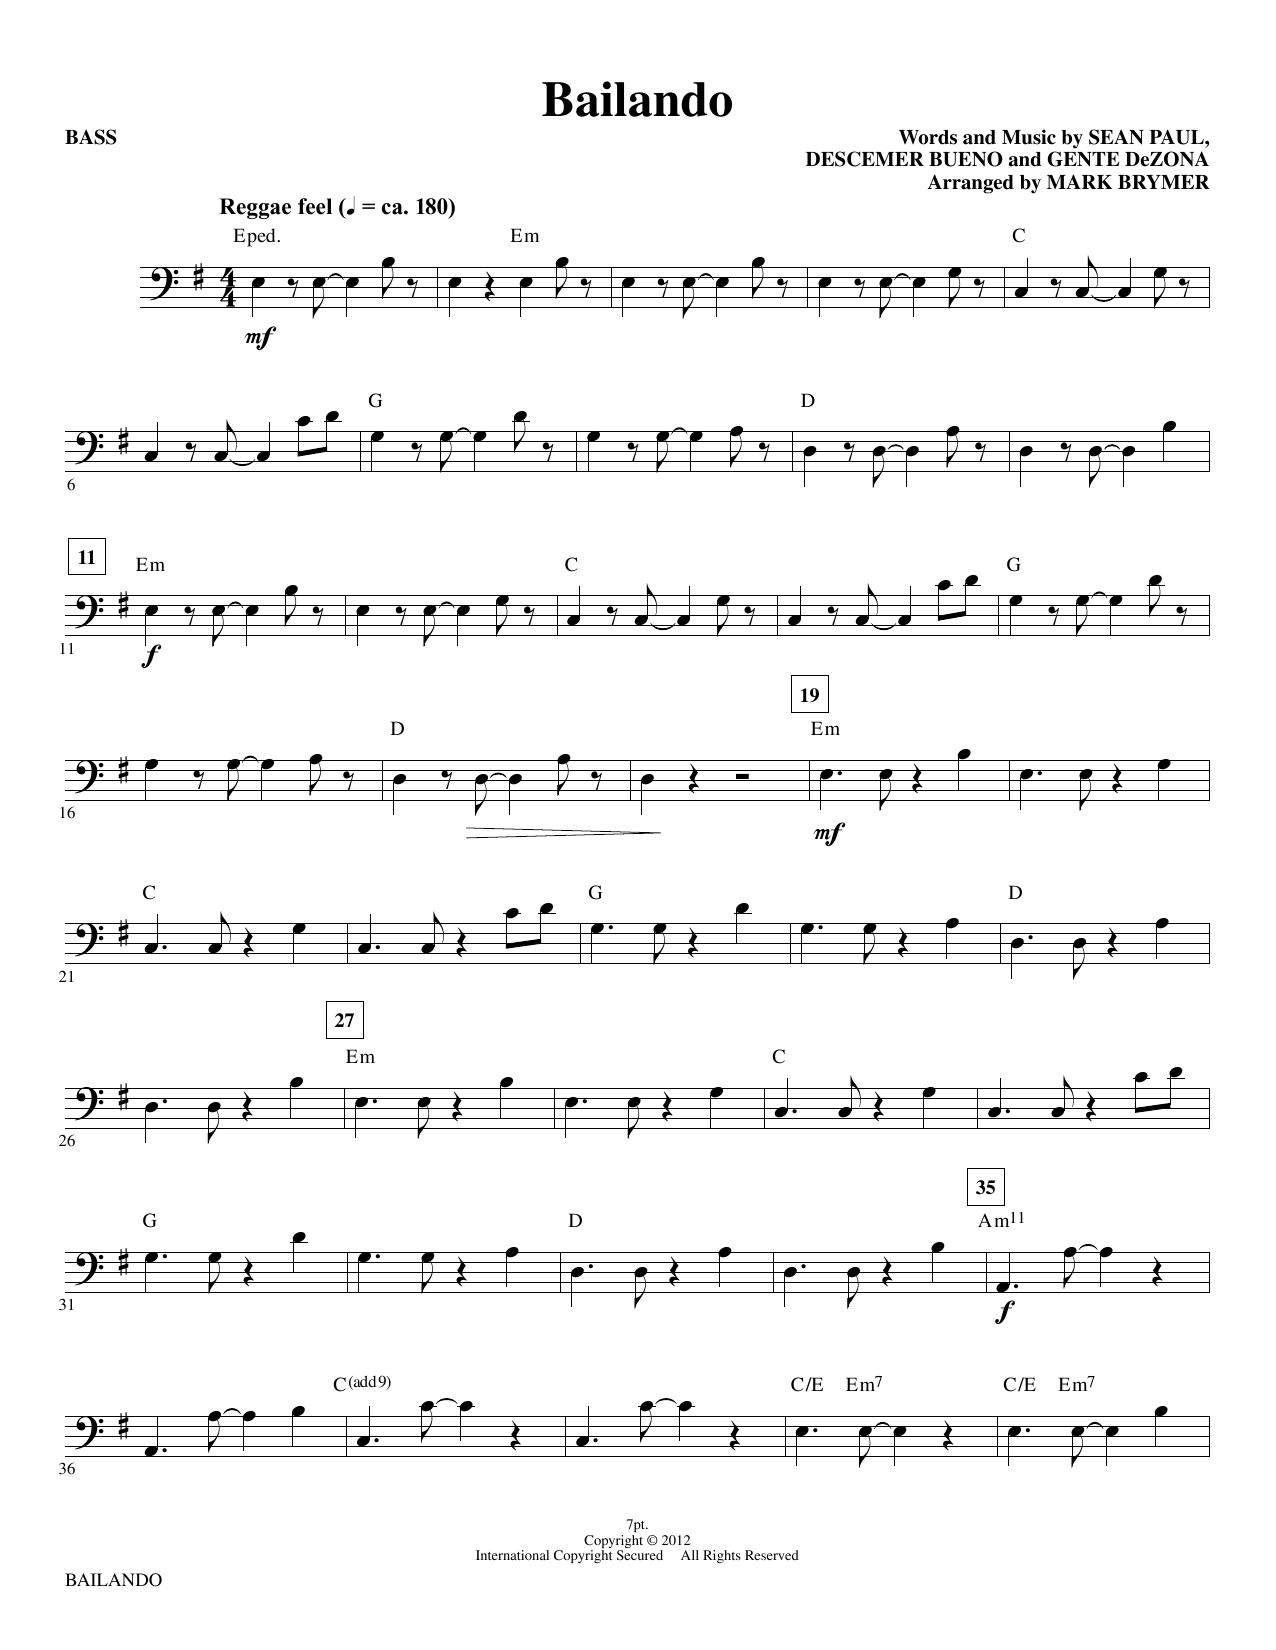 Bailando - Bass sheet music